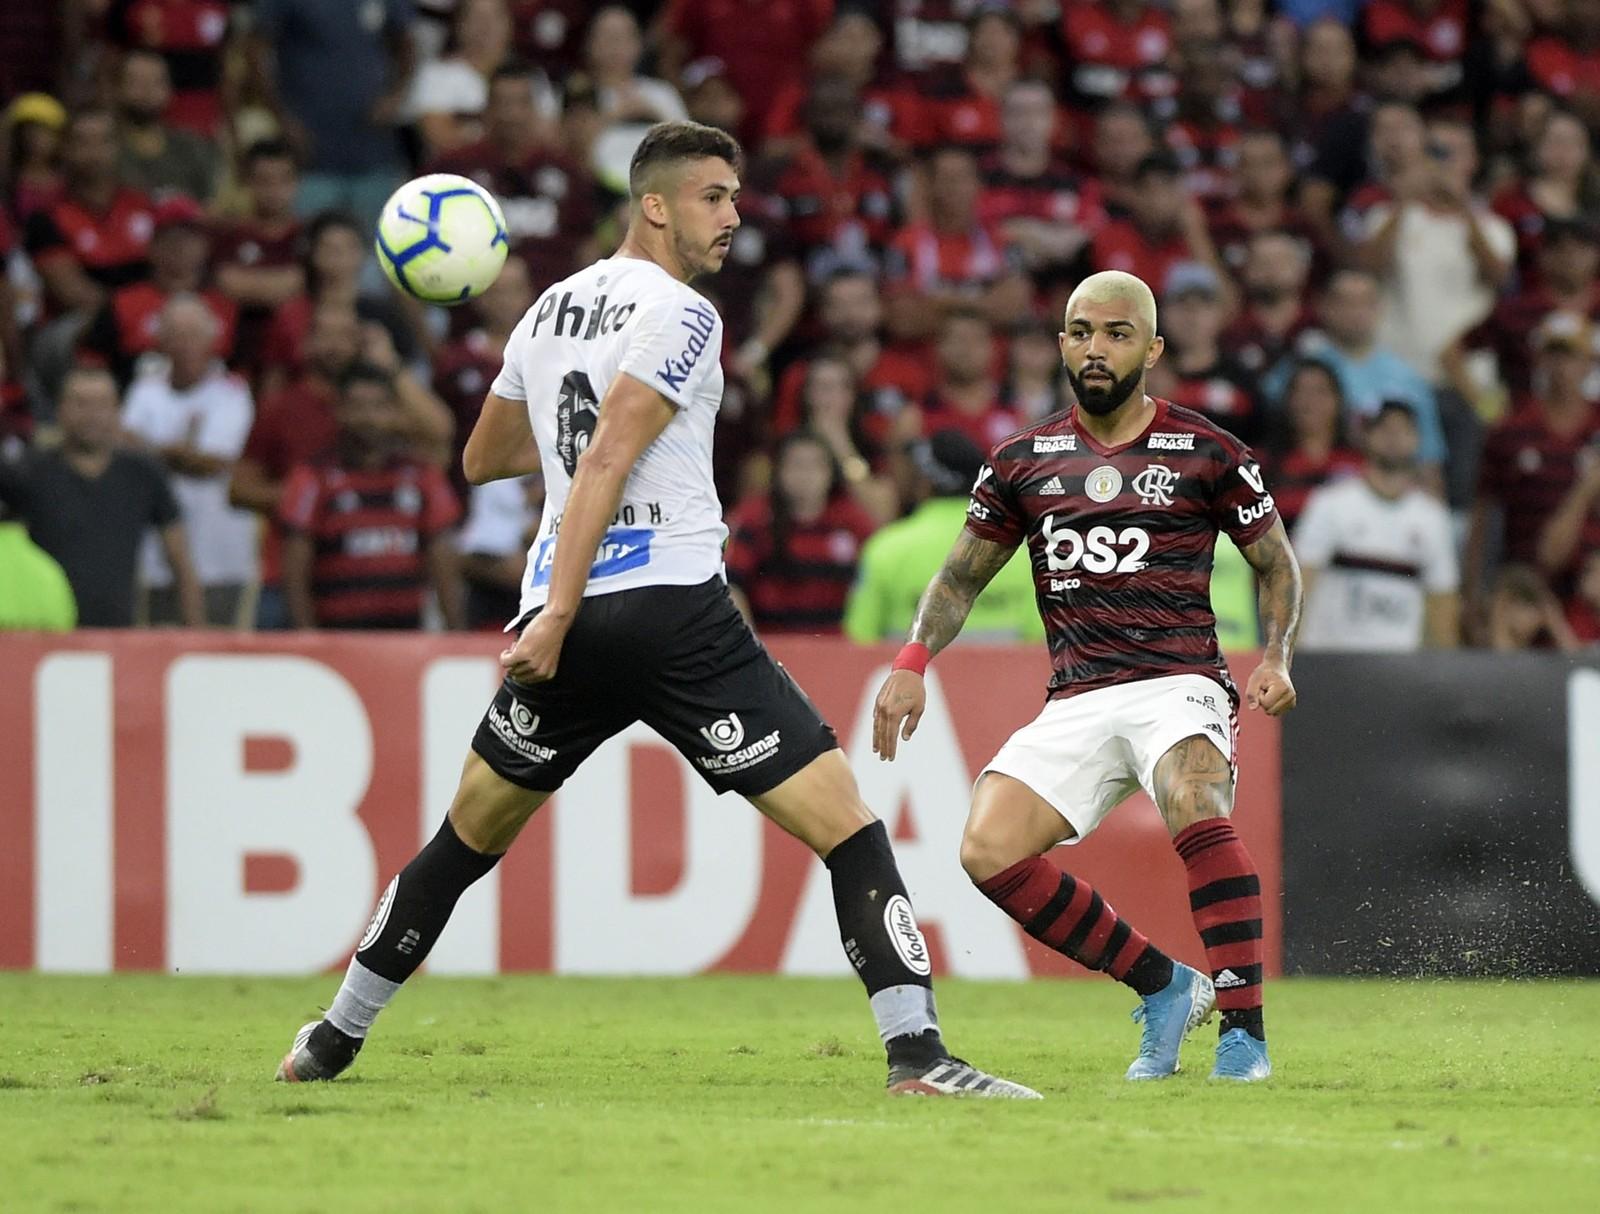 Notas da partida: Confira as notas para os destaques do Mengão entre Flamengo 1x0 Santos